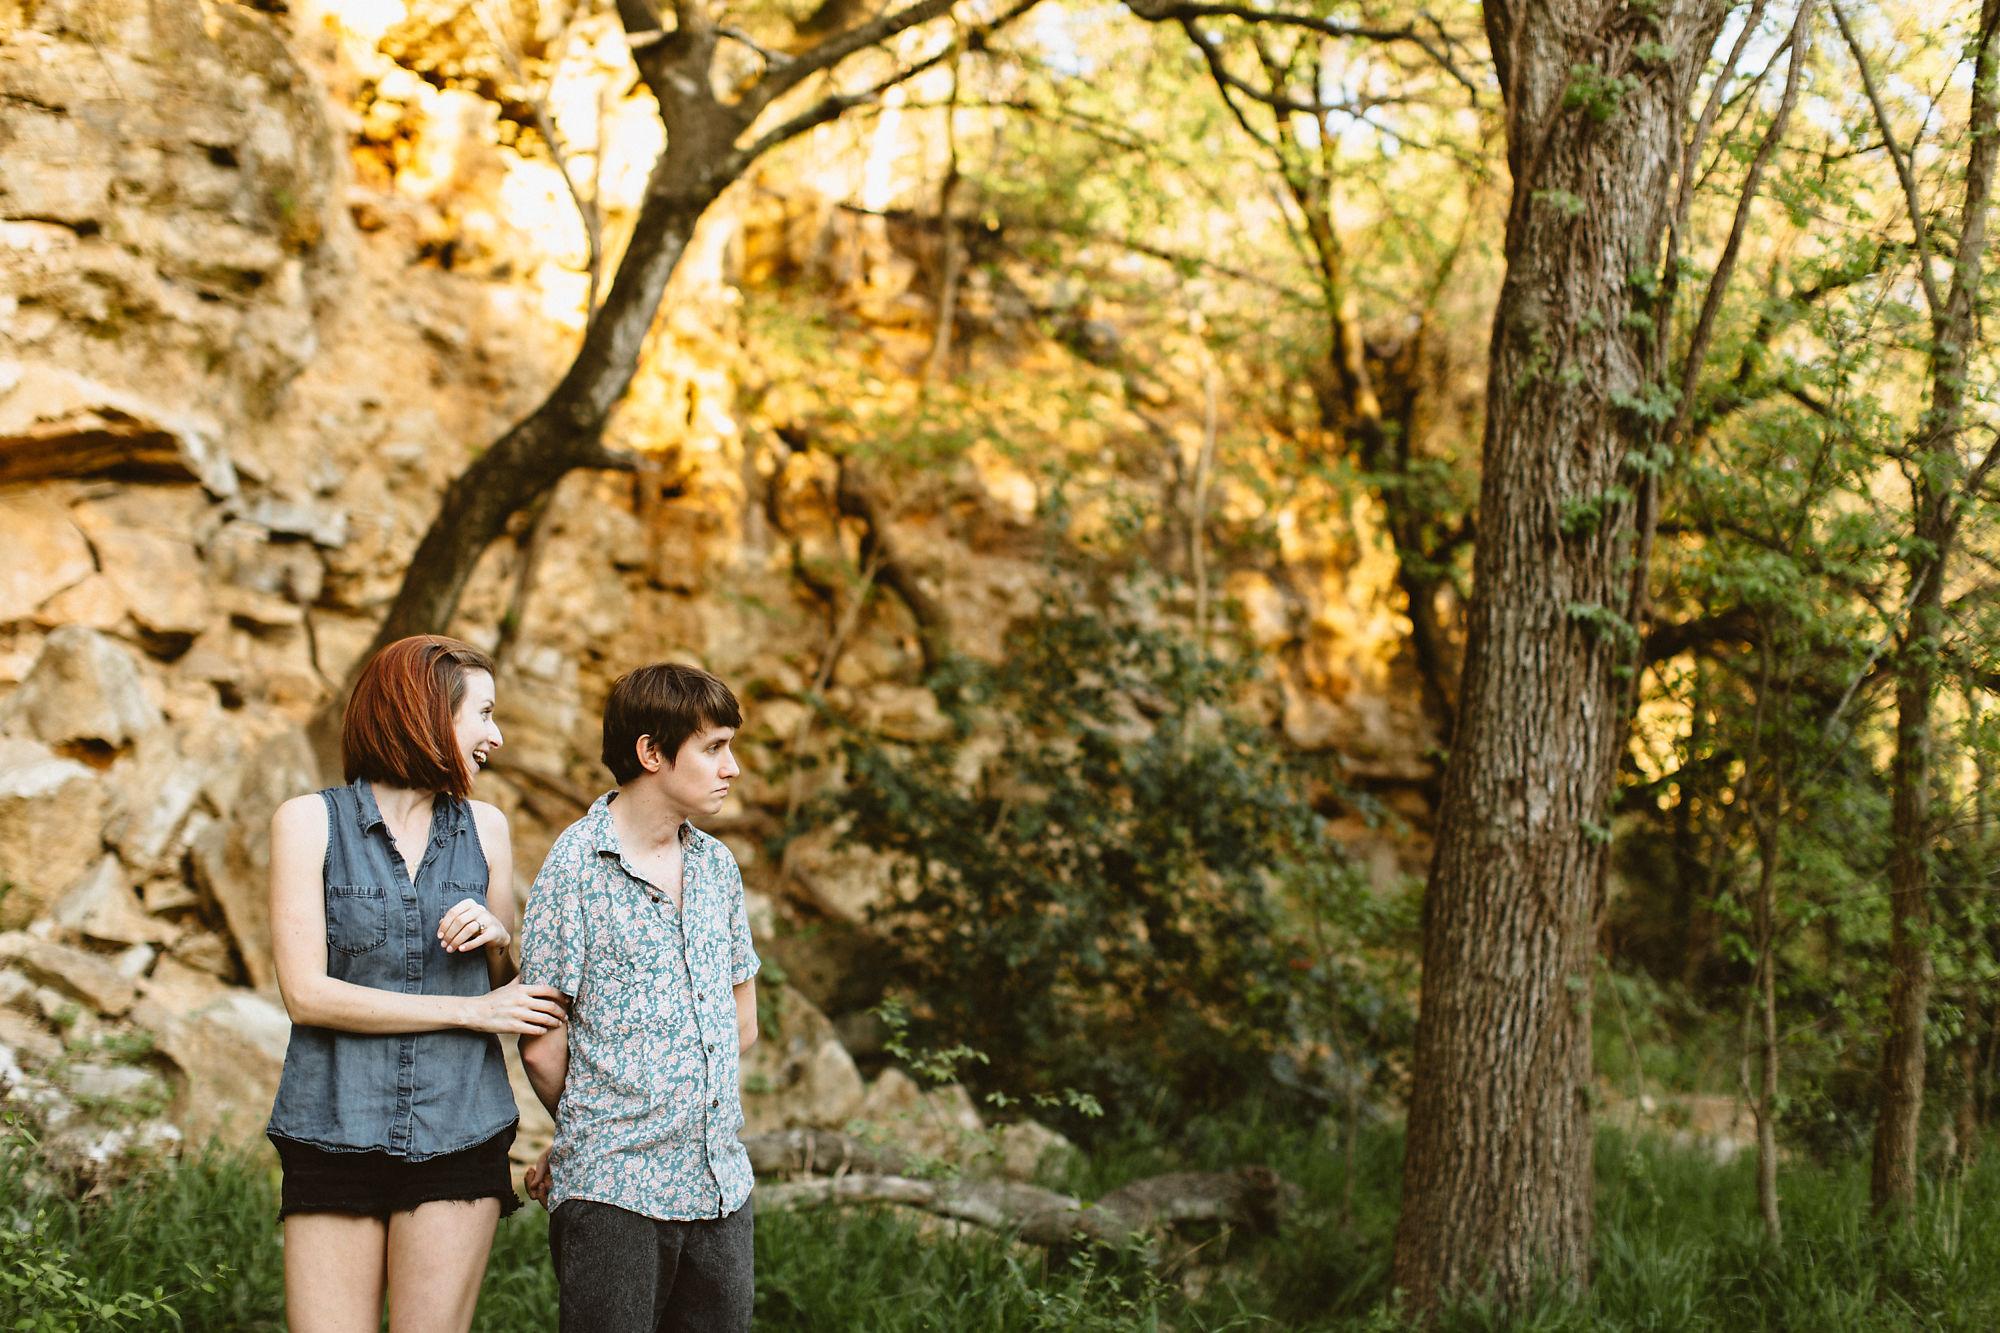 naturalgardenerengagement17.jpg